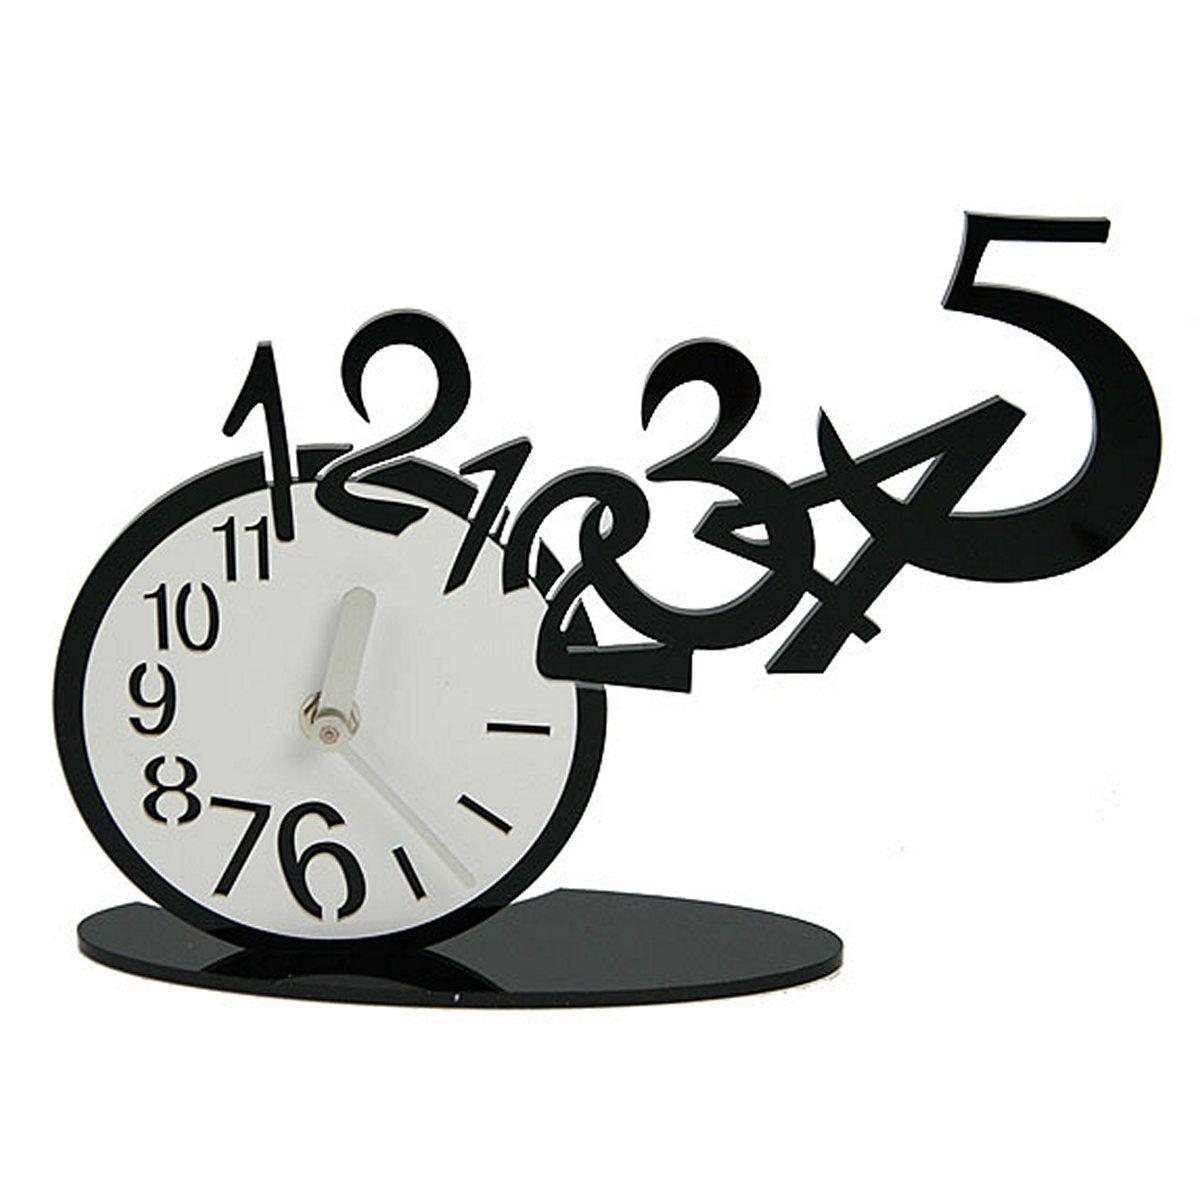 Часы настольные Русские Подарки, 26 х 16 см. 122423 часы барометр паровоз настольные 26 26 10см 853161